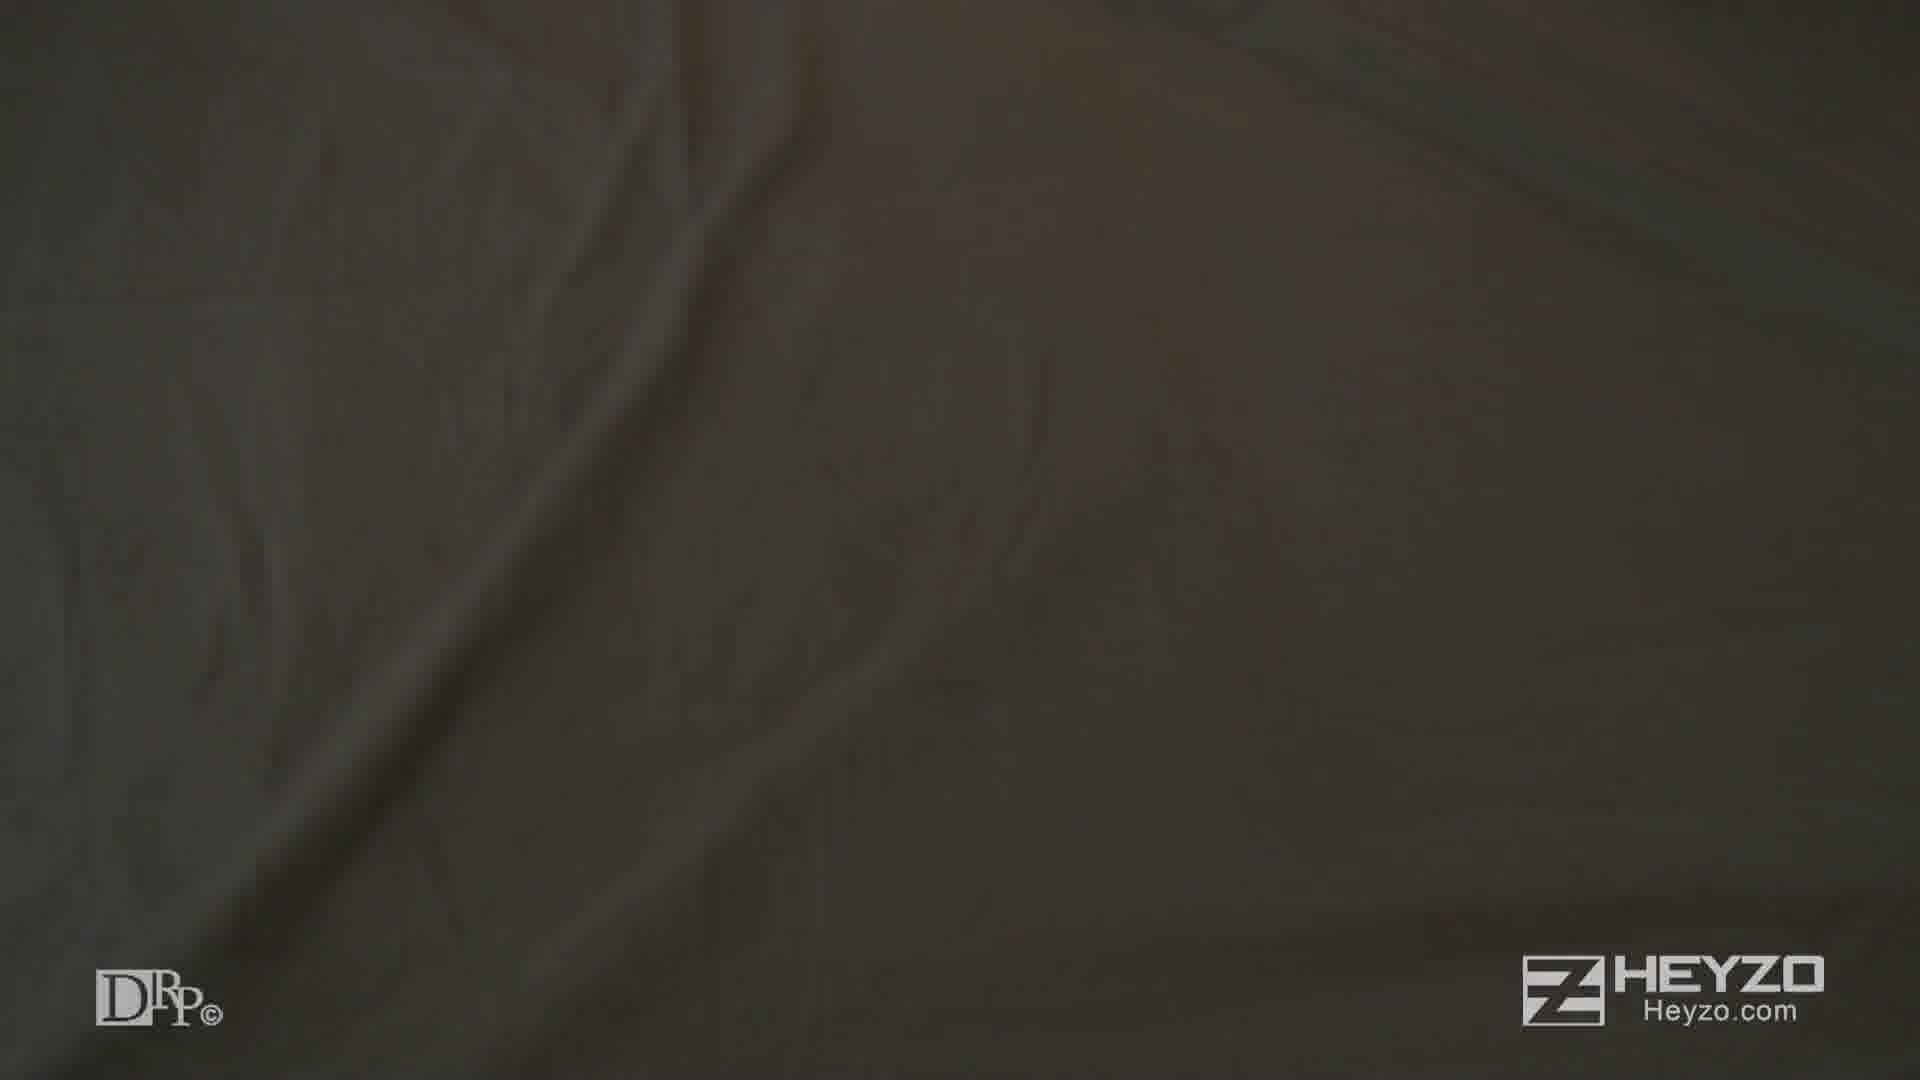 放課後美少女ファイル No.3~制服からこぼれだす天然美乳 みなみ愛梨~ - みなみ愛梨【放尿 イラマチオ 指マン 騎乗位】